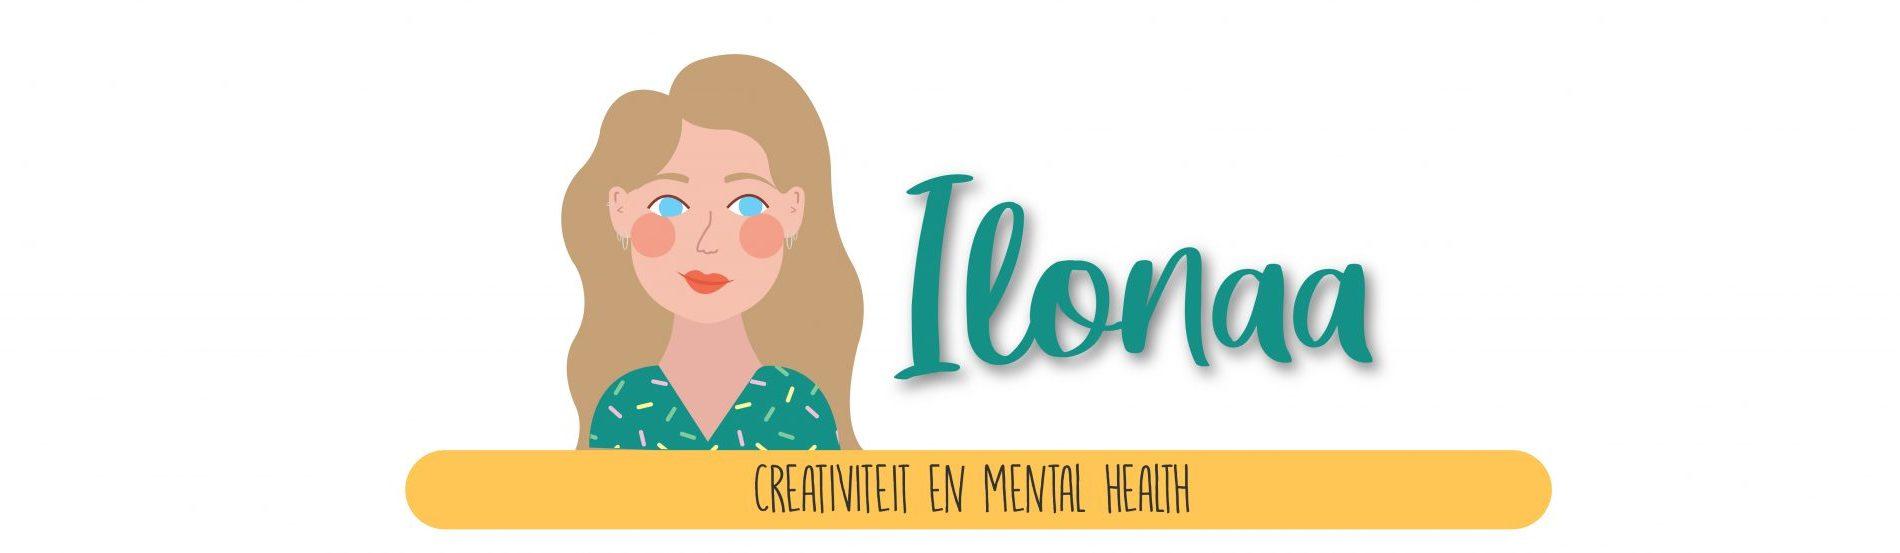 Ilonaa